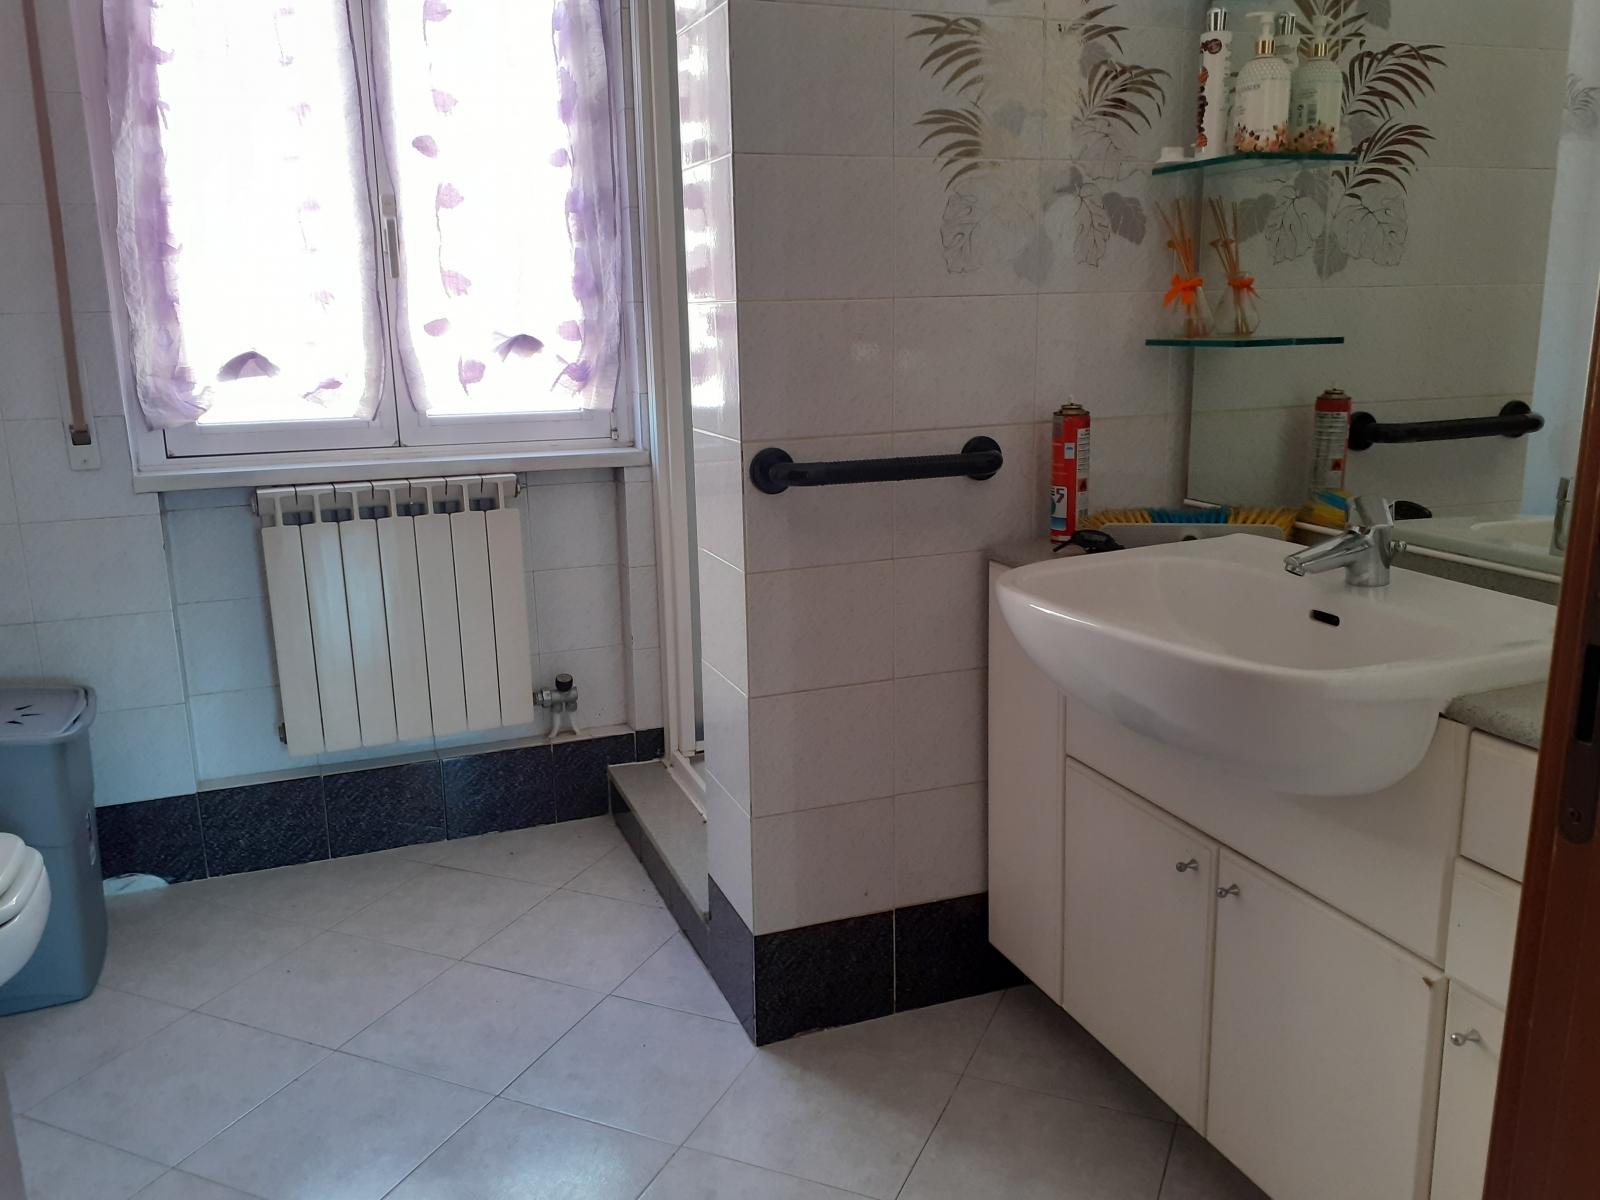 appartamento-in-vendita-a-cornaredo-milano-3-locali-trilocale-spaziourbano-immobiliare-vende-4